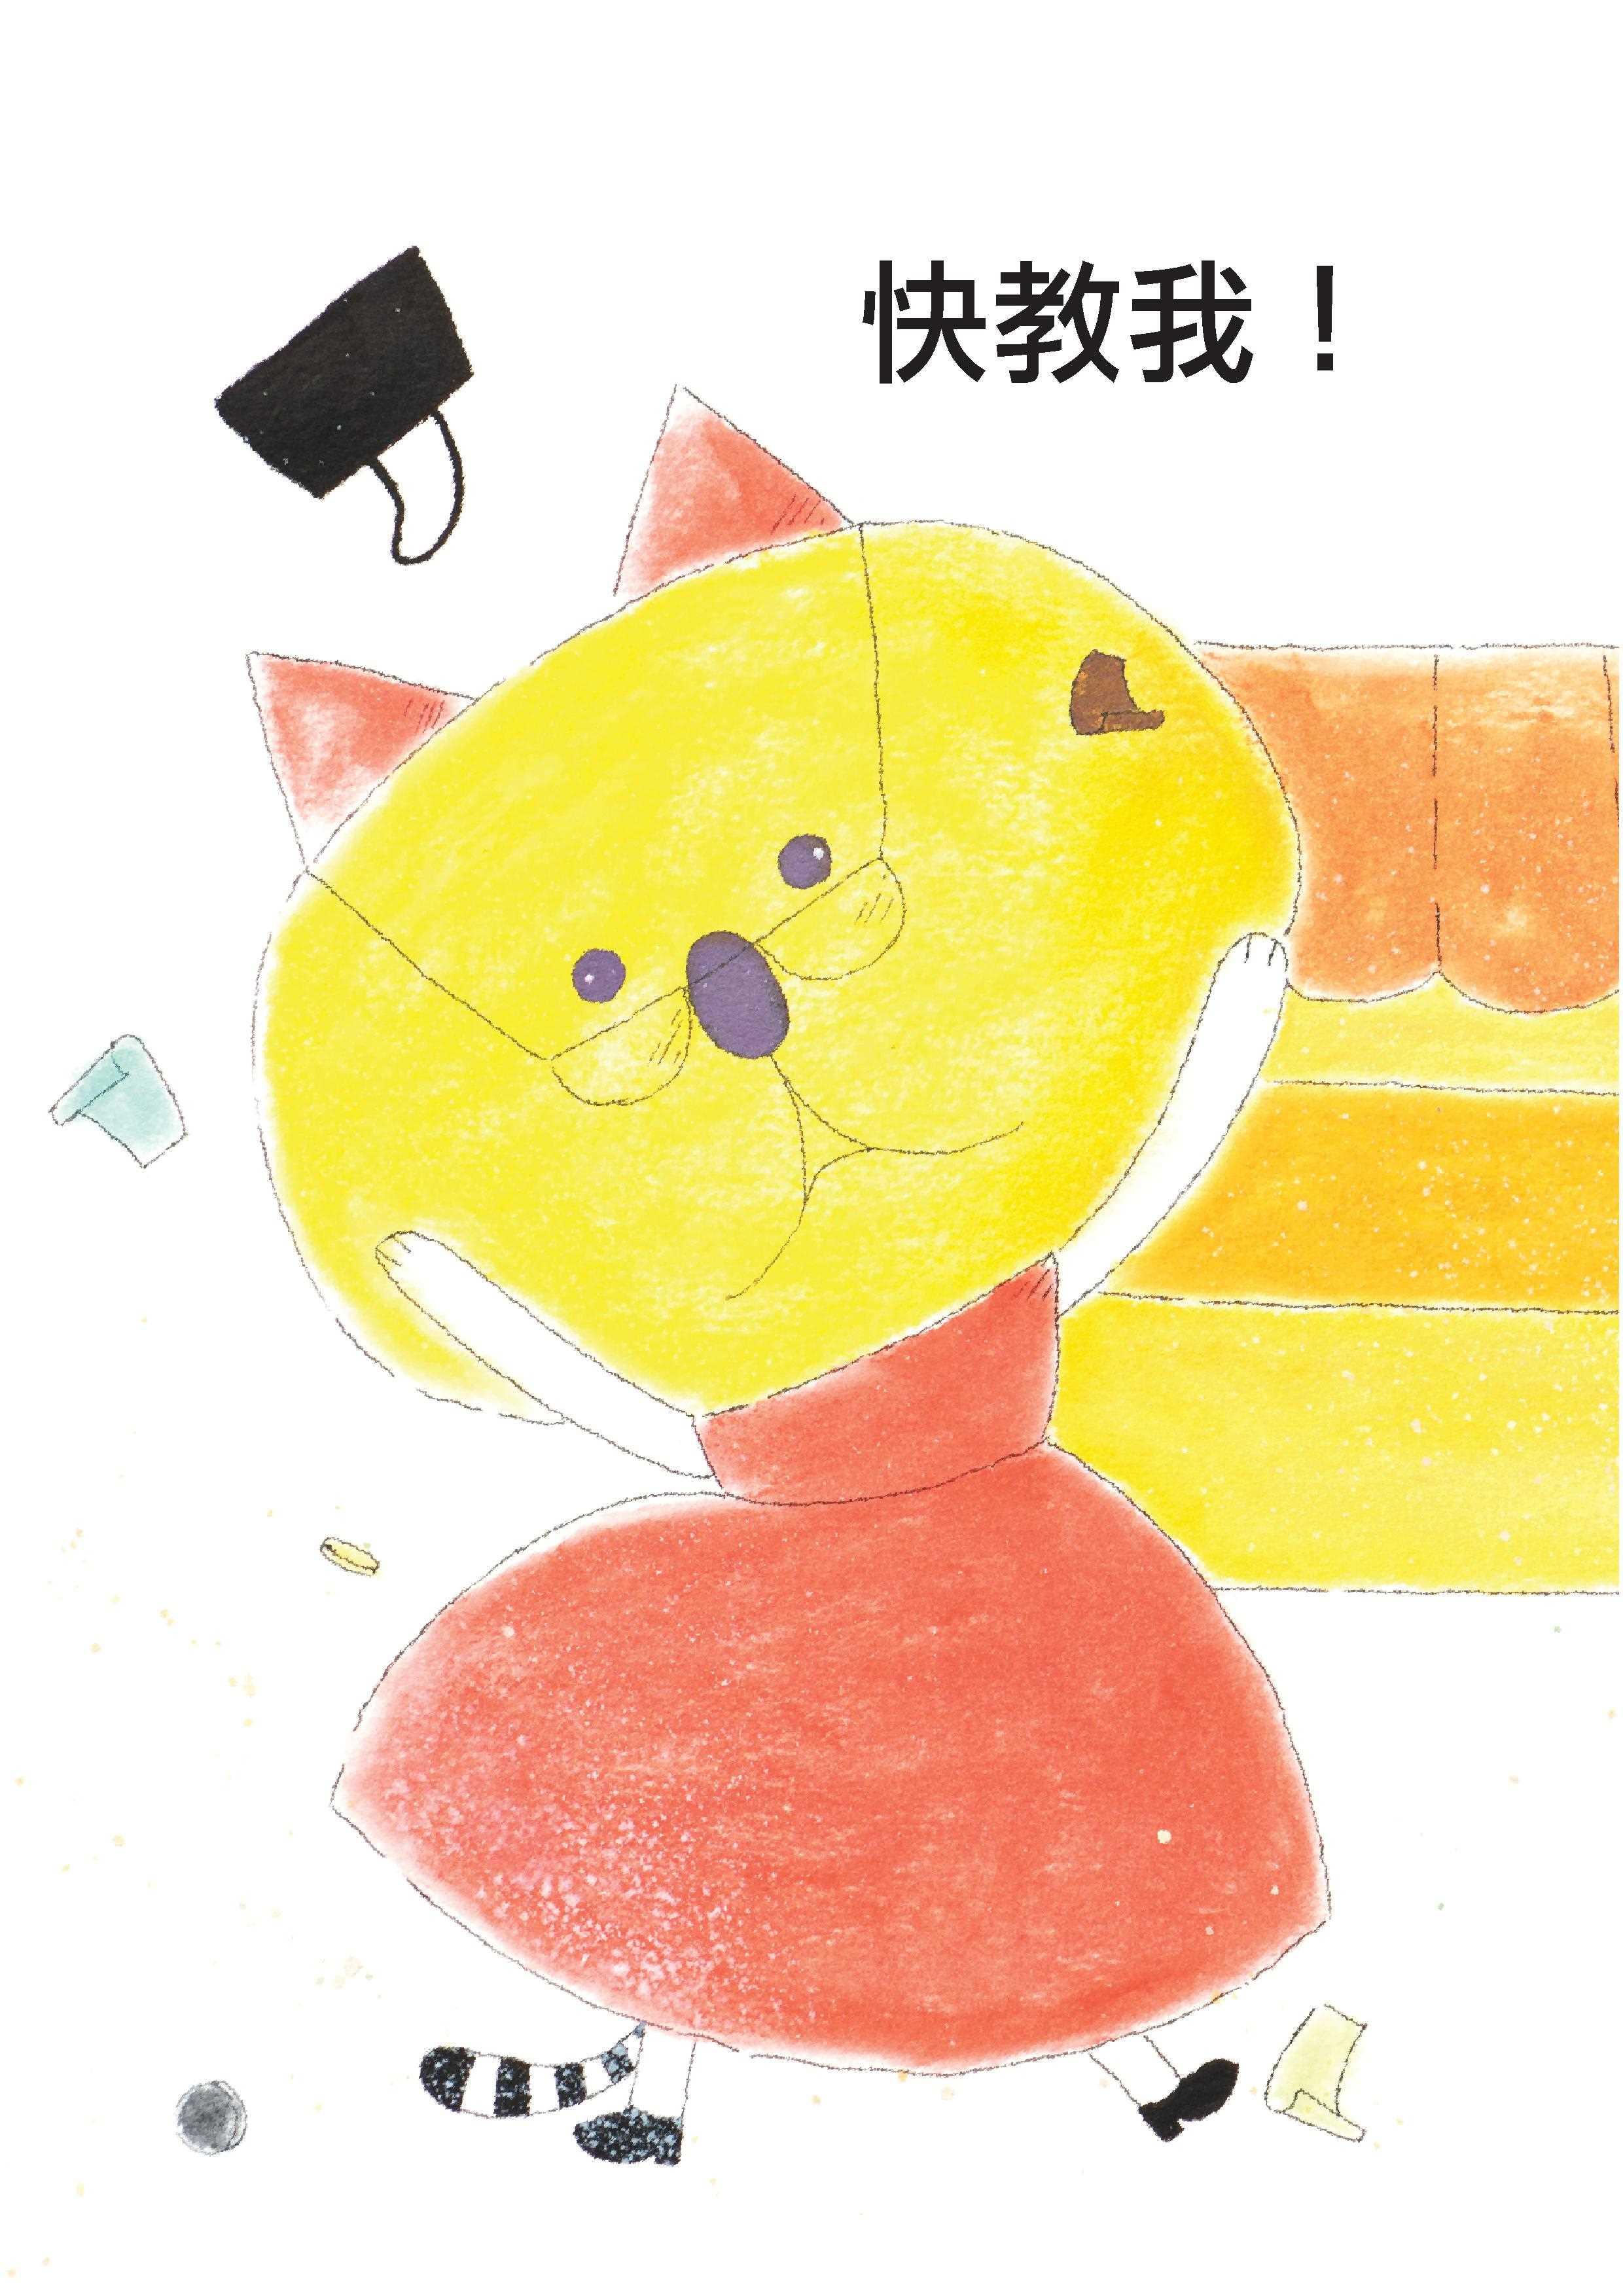 109年「繪說‧繪稅」租稅繪本比賽得獎作品-社會組第一名(李玉娟)